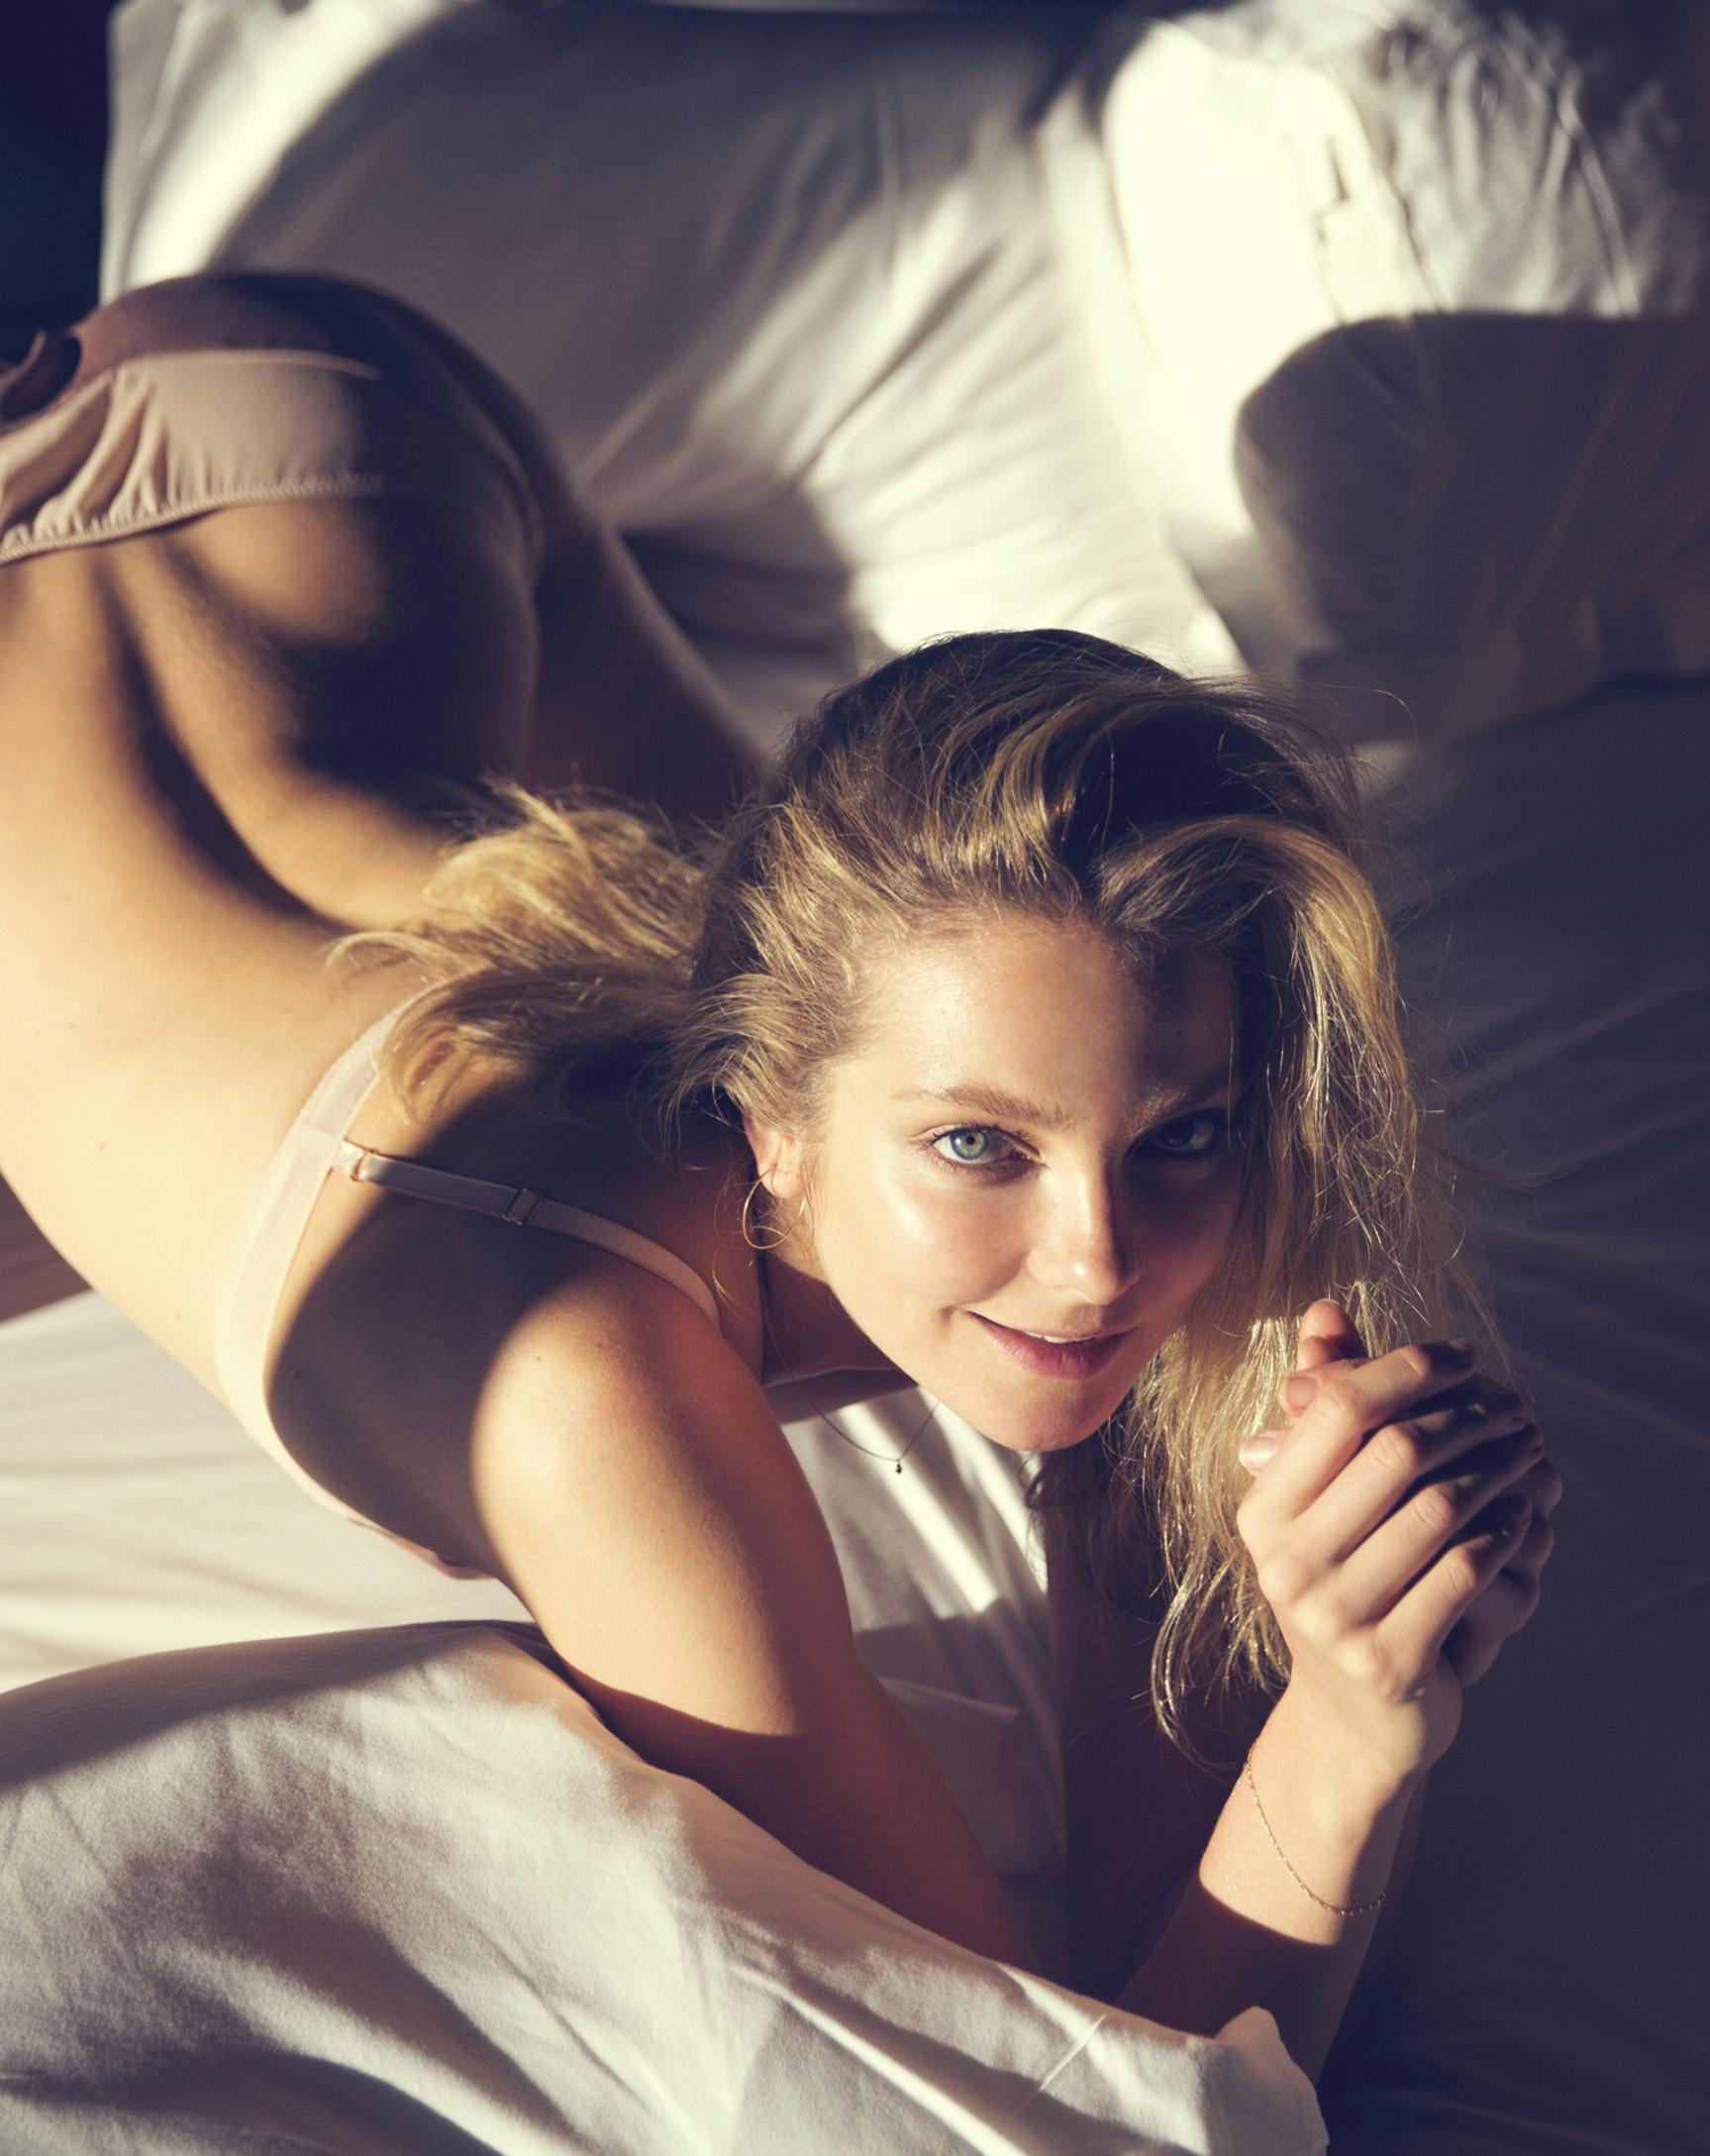 Девушка месяца Энико Михалик / Eniko Mihalik by David Bellemere - Playboy US december 2016 playmate